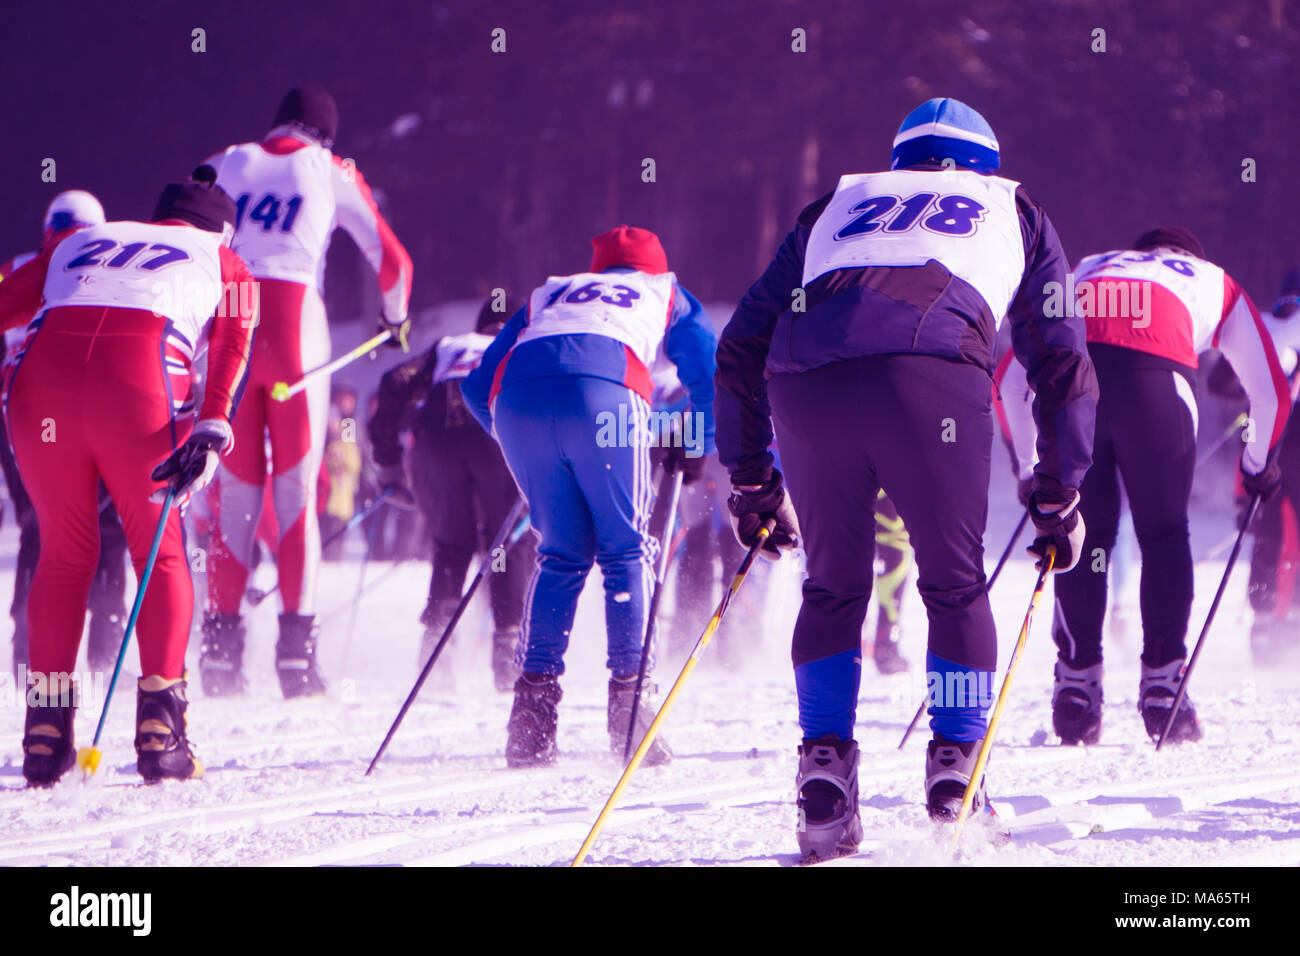 Persone gare di sci all'inizio della pista da sci presso la stazione sciistica . Foto Stock